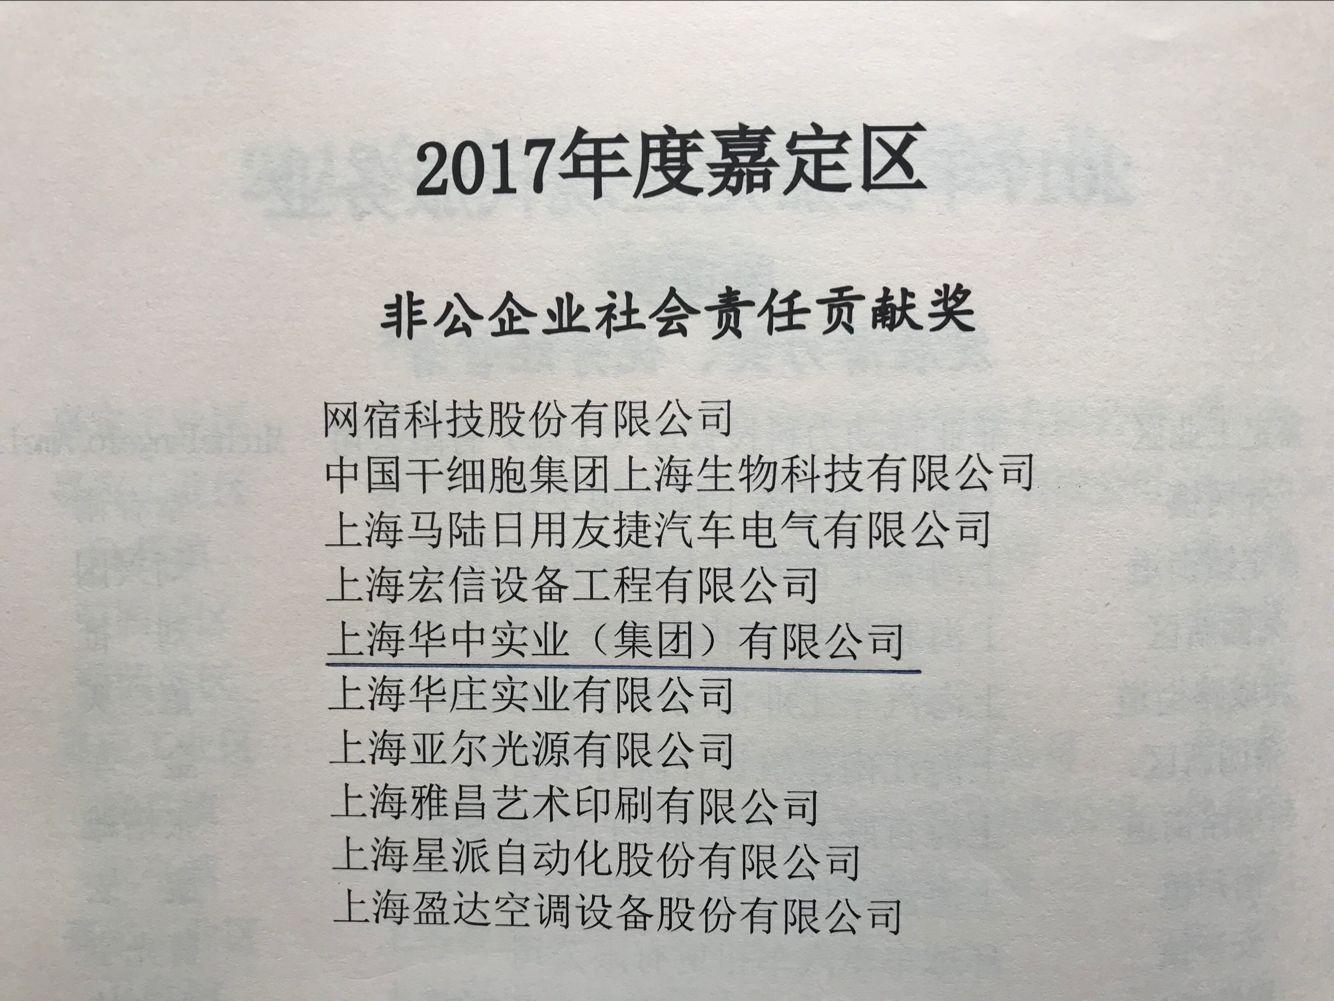 2017街道非公企业